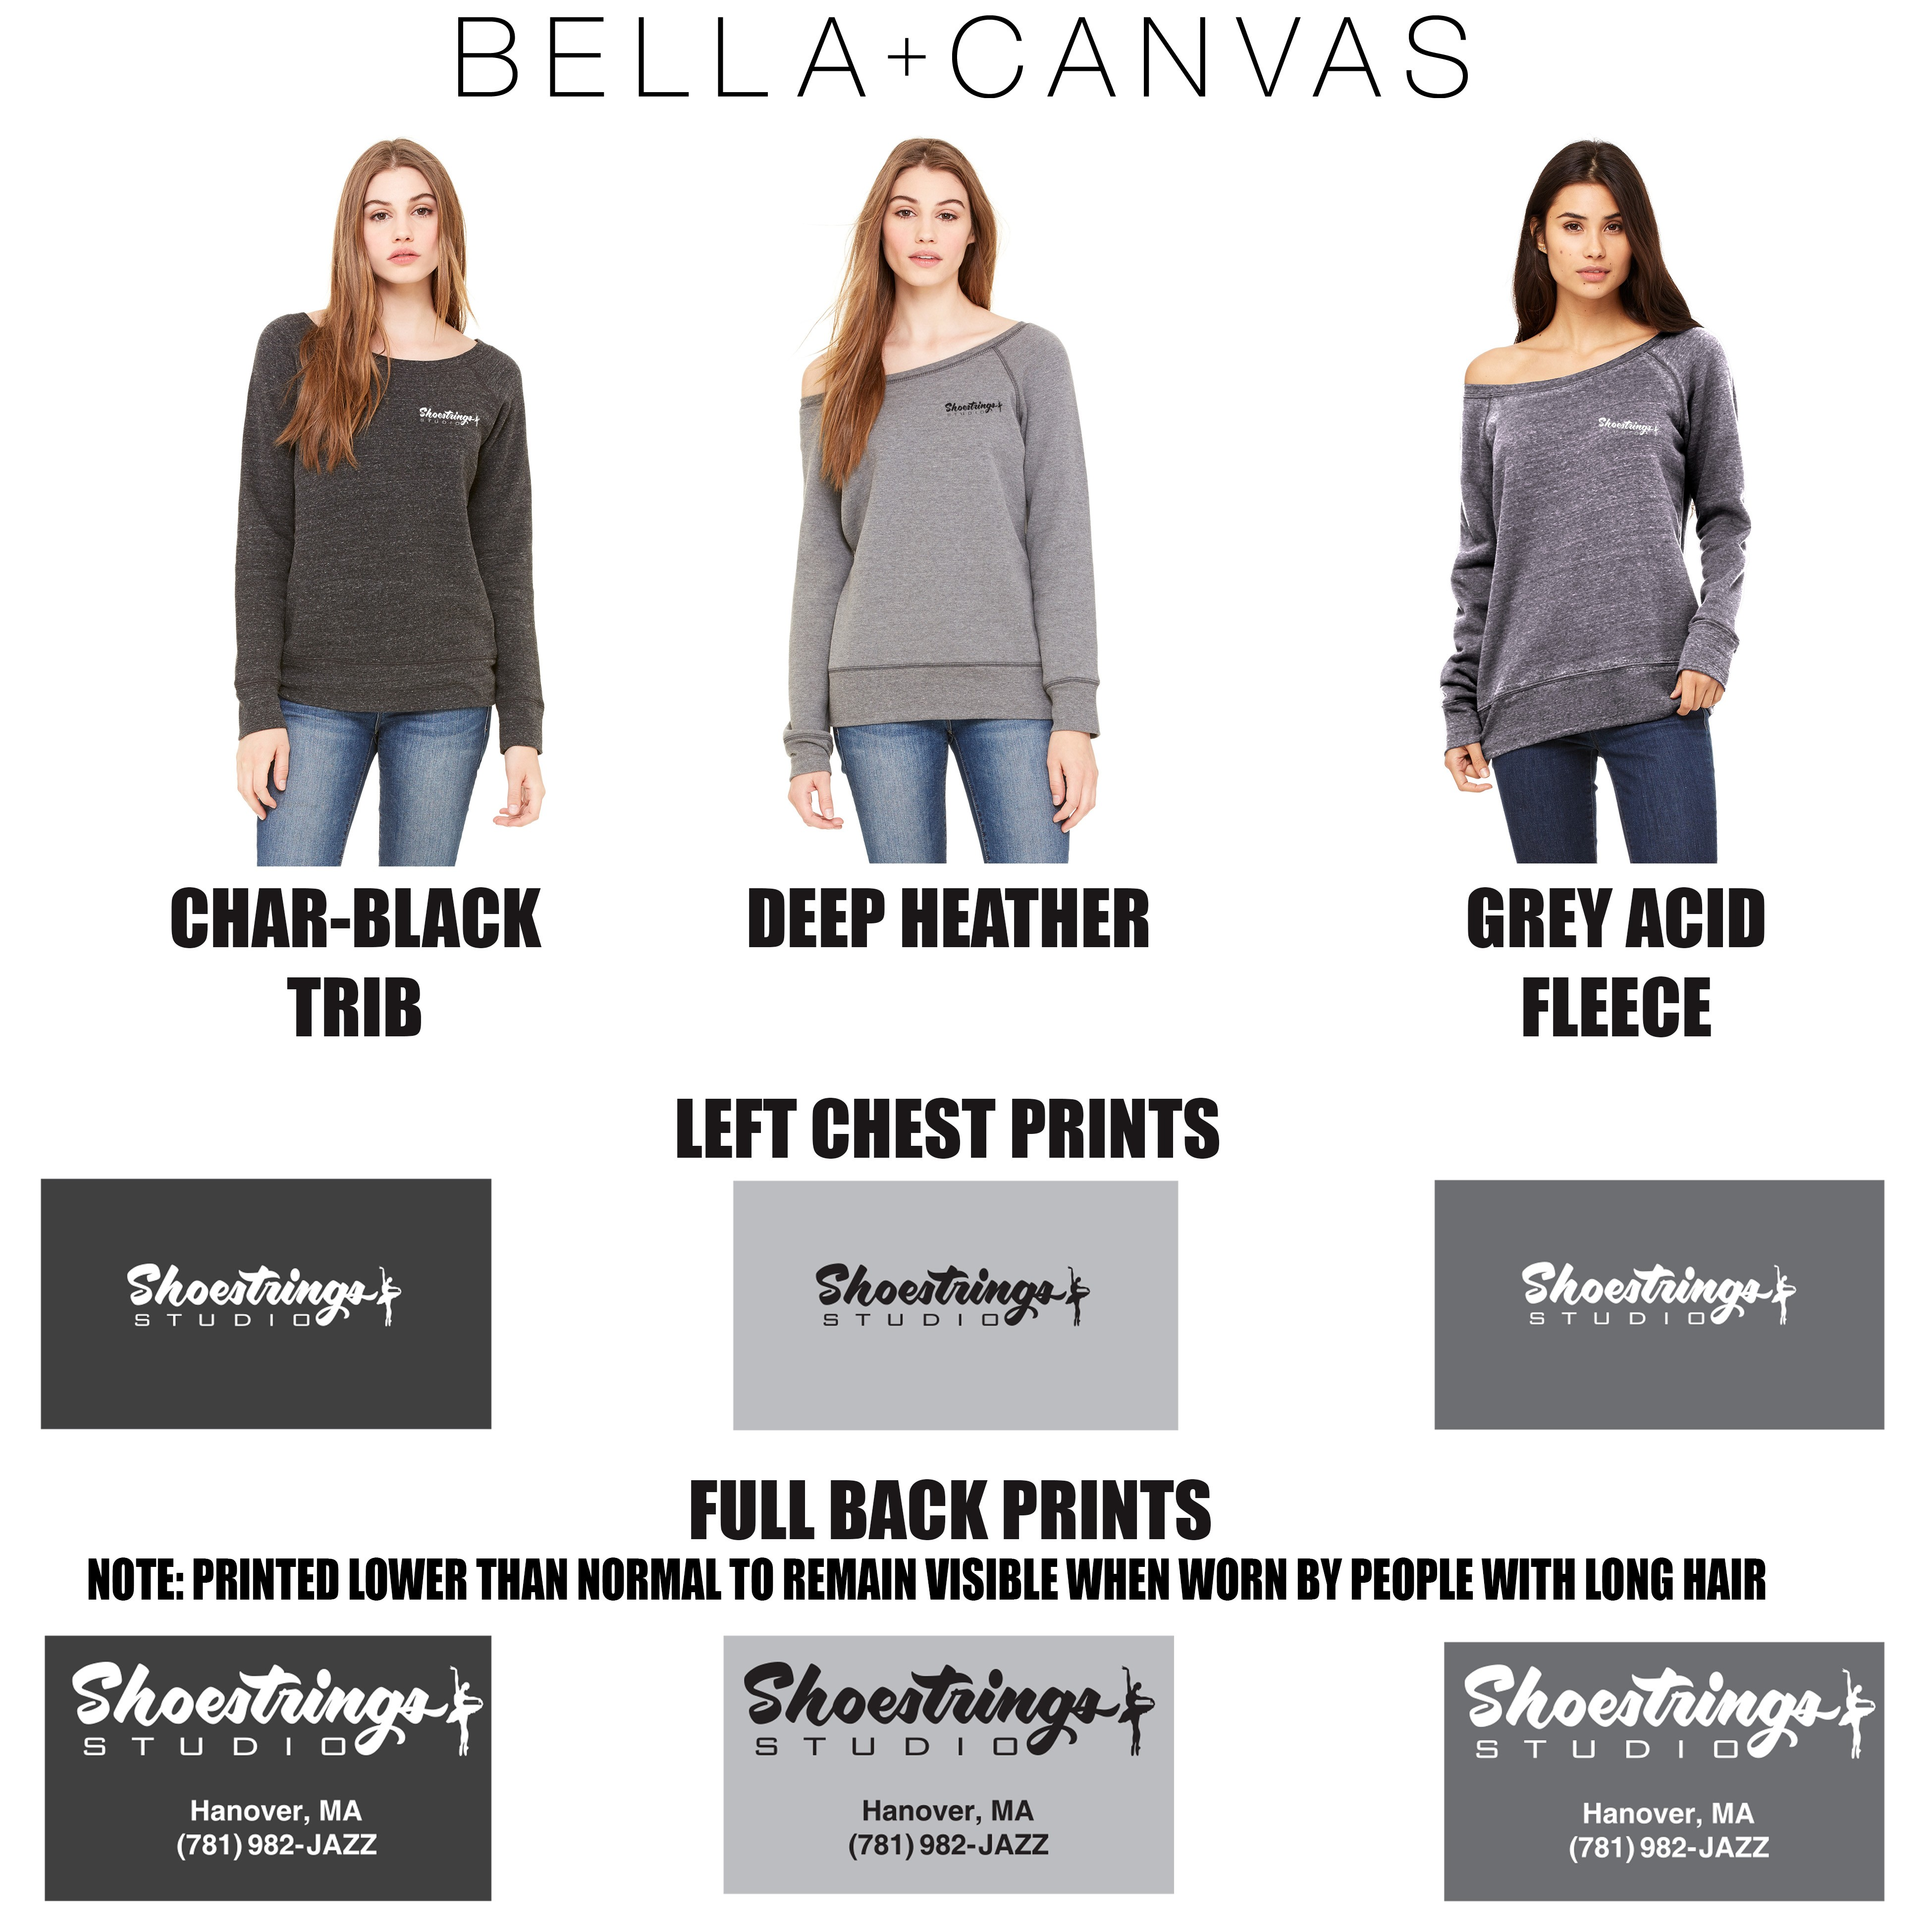 Shoestrings Studio Bella + Canvas Ladies' Sponge Fleece Wide Neck Sweatshirt